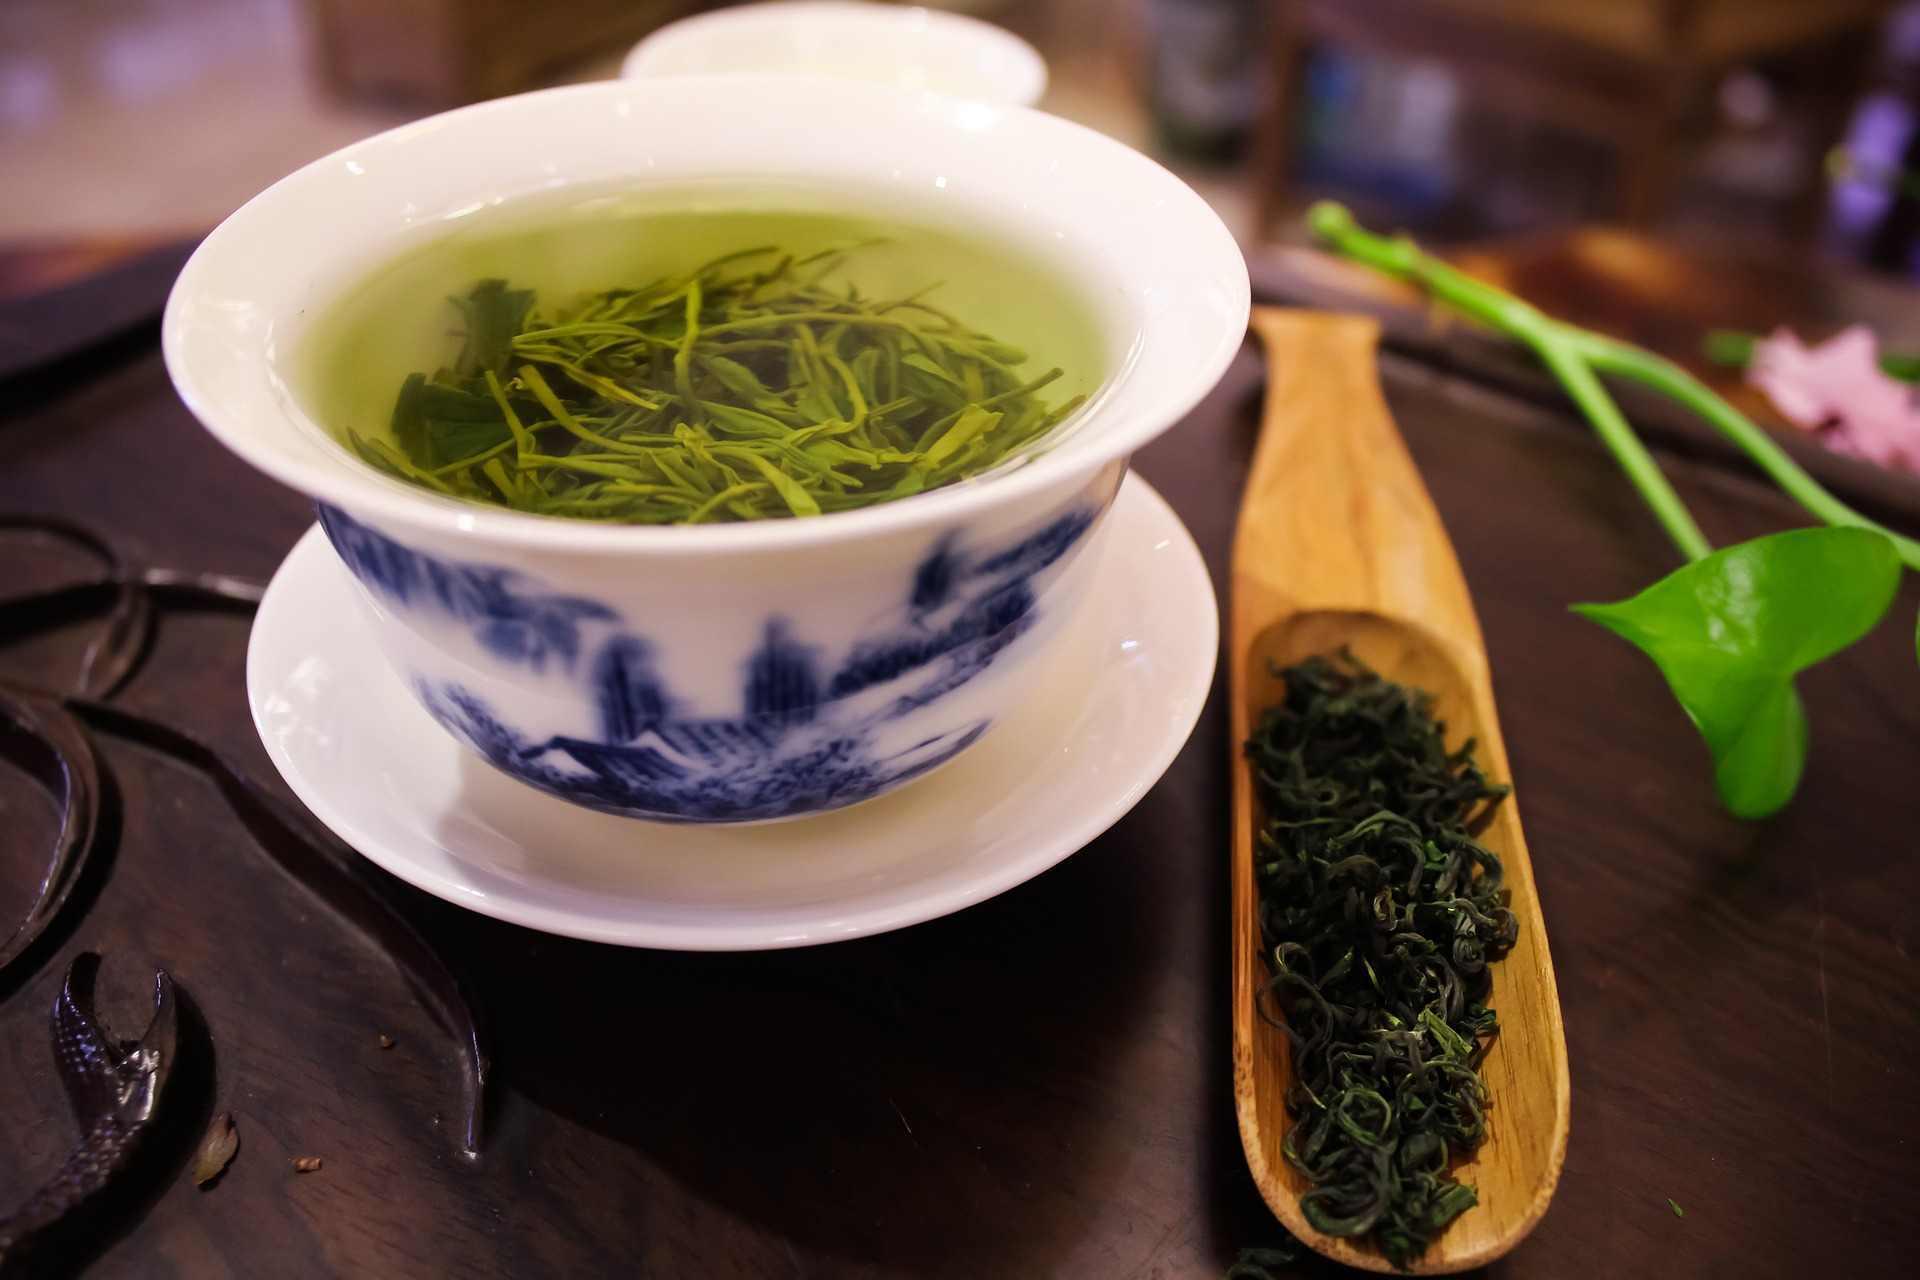 stimulant drugs in tea